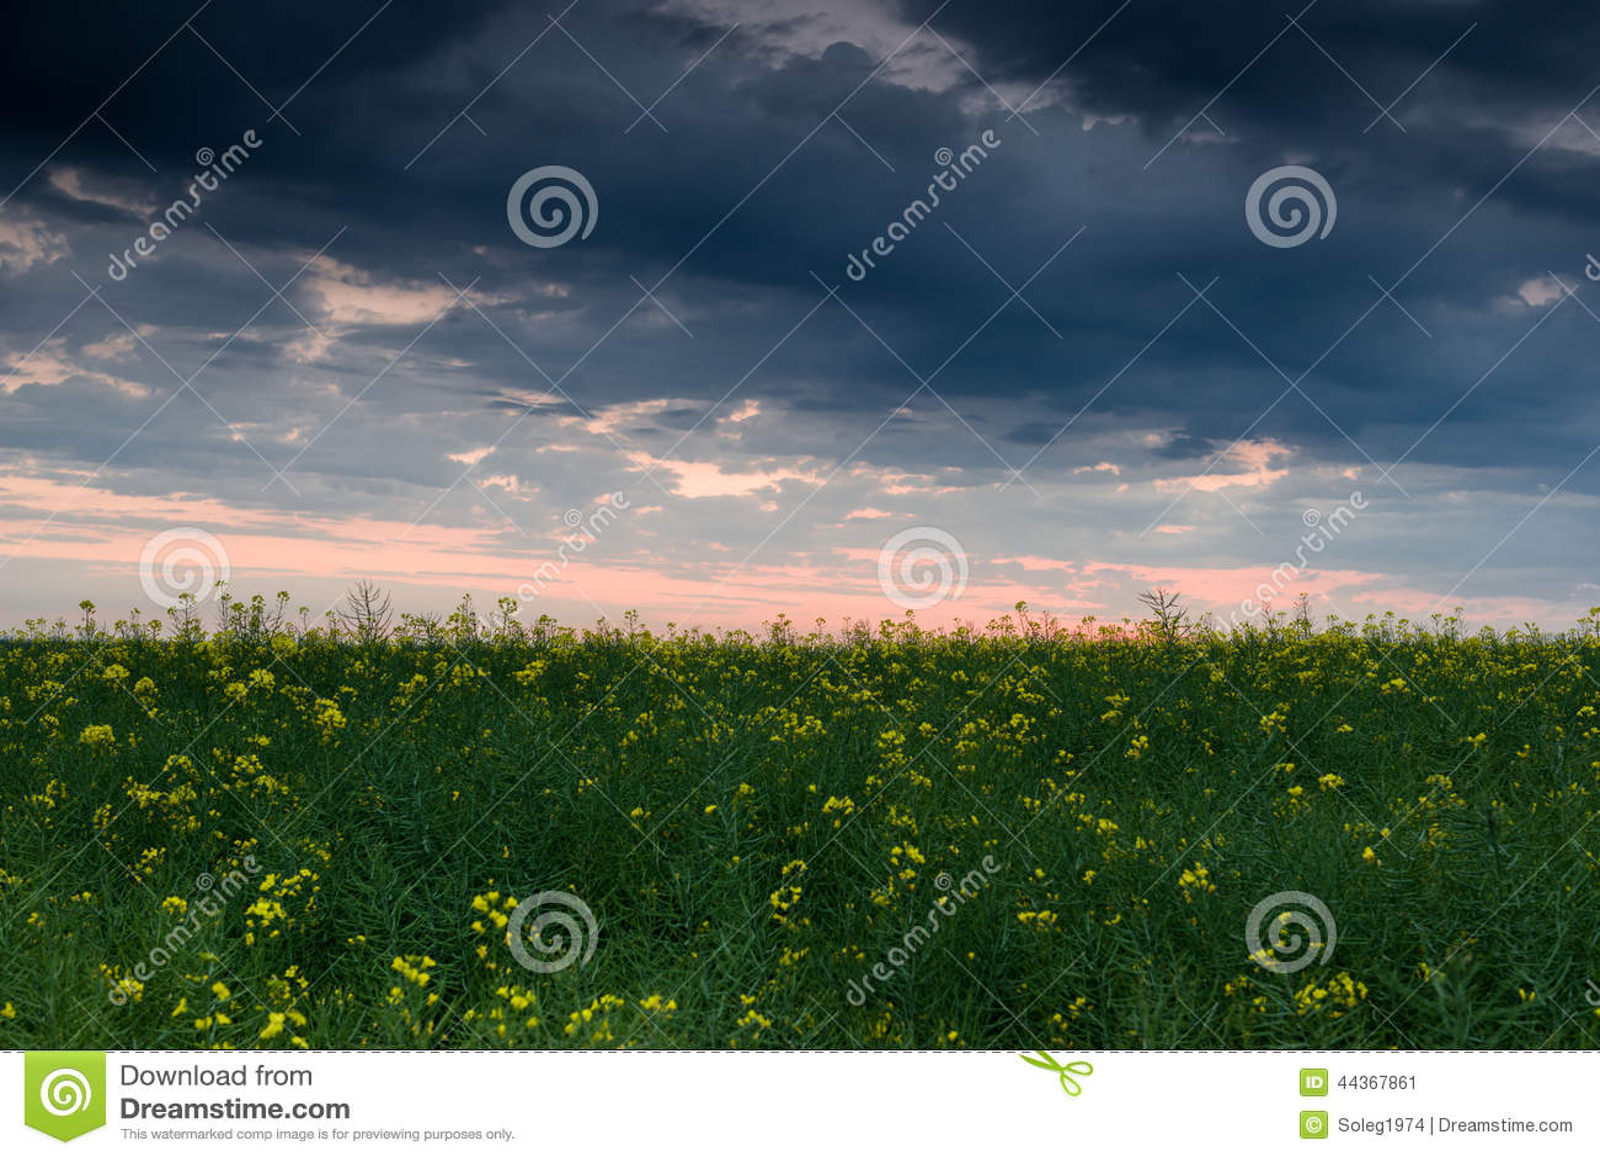 Tramonto nel giacimento giallo del seme di ravizzone